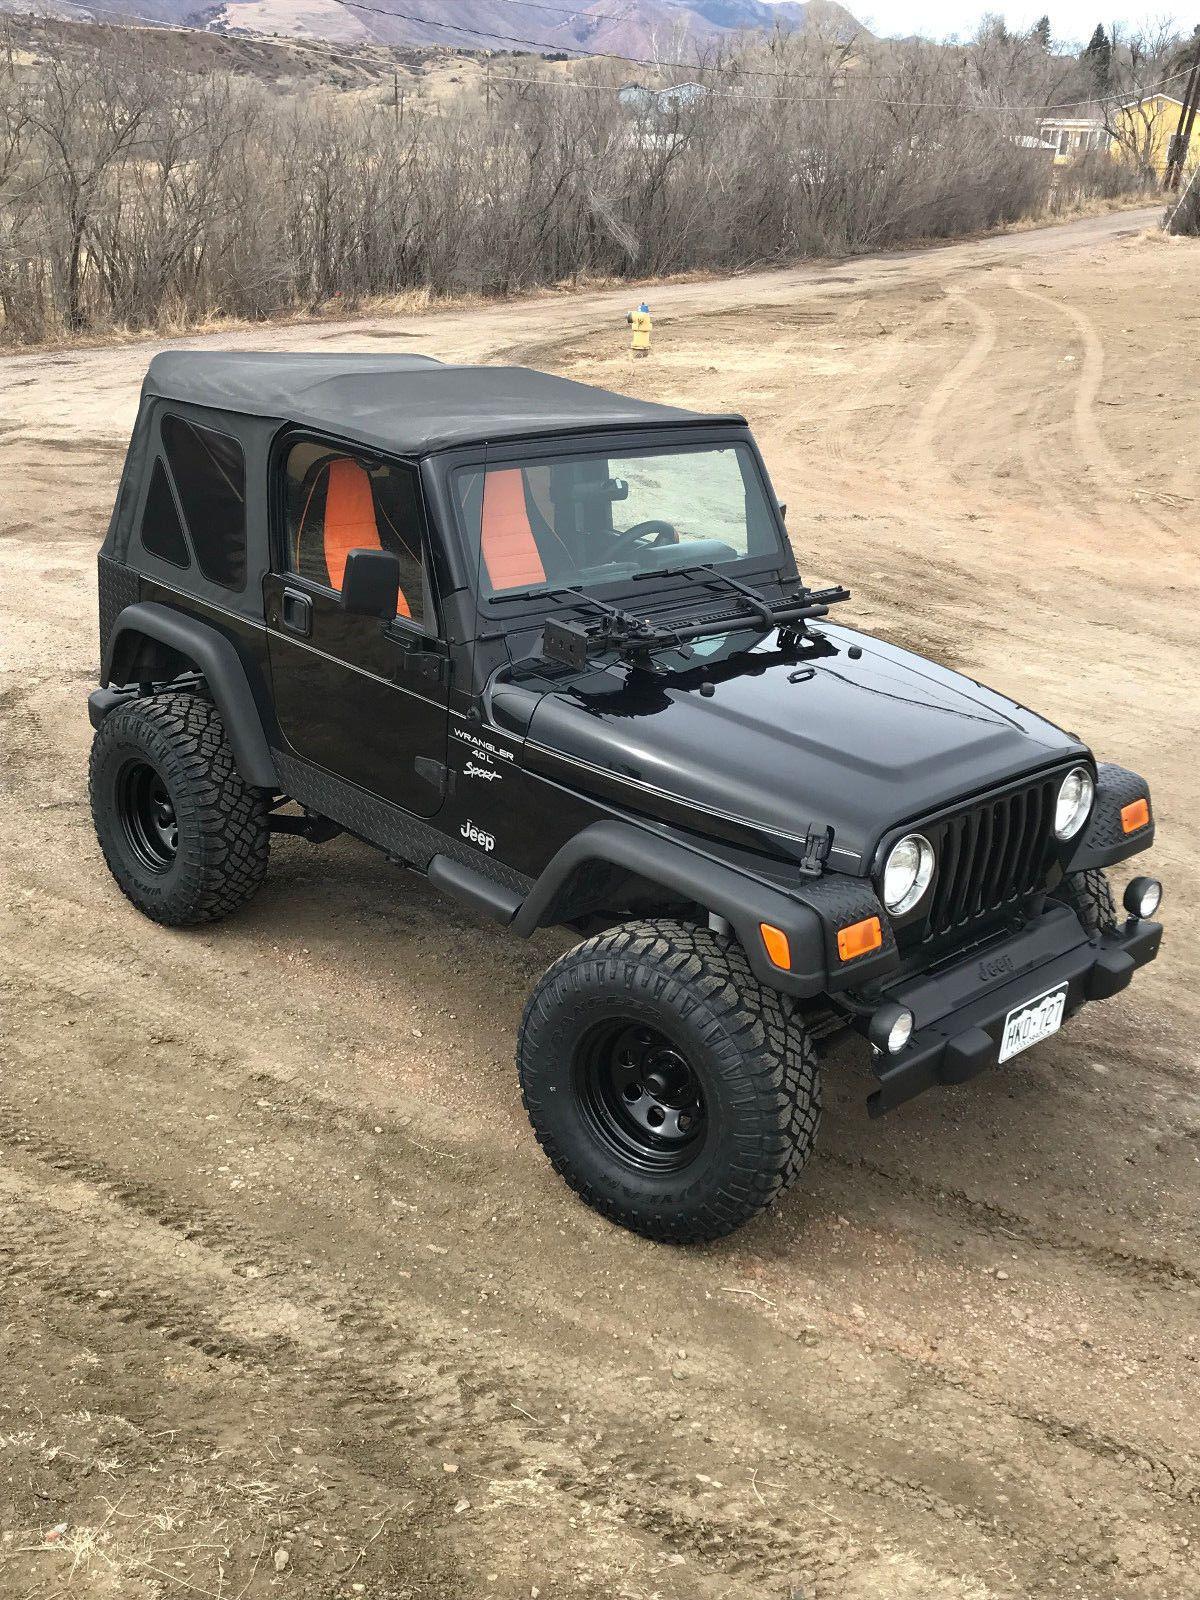 Ebay 1999 Jeep Wrangler Sport 1999 Jeep Wrangler Tj Sport 4 0 New 33 Inch Tires 4 Inch Lift Jeep Jeepli Jeep Wrangler 1999 Jeep Wrangler Jeep Wrangler Tj